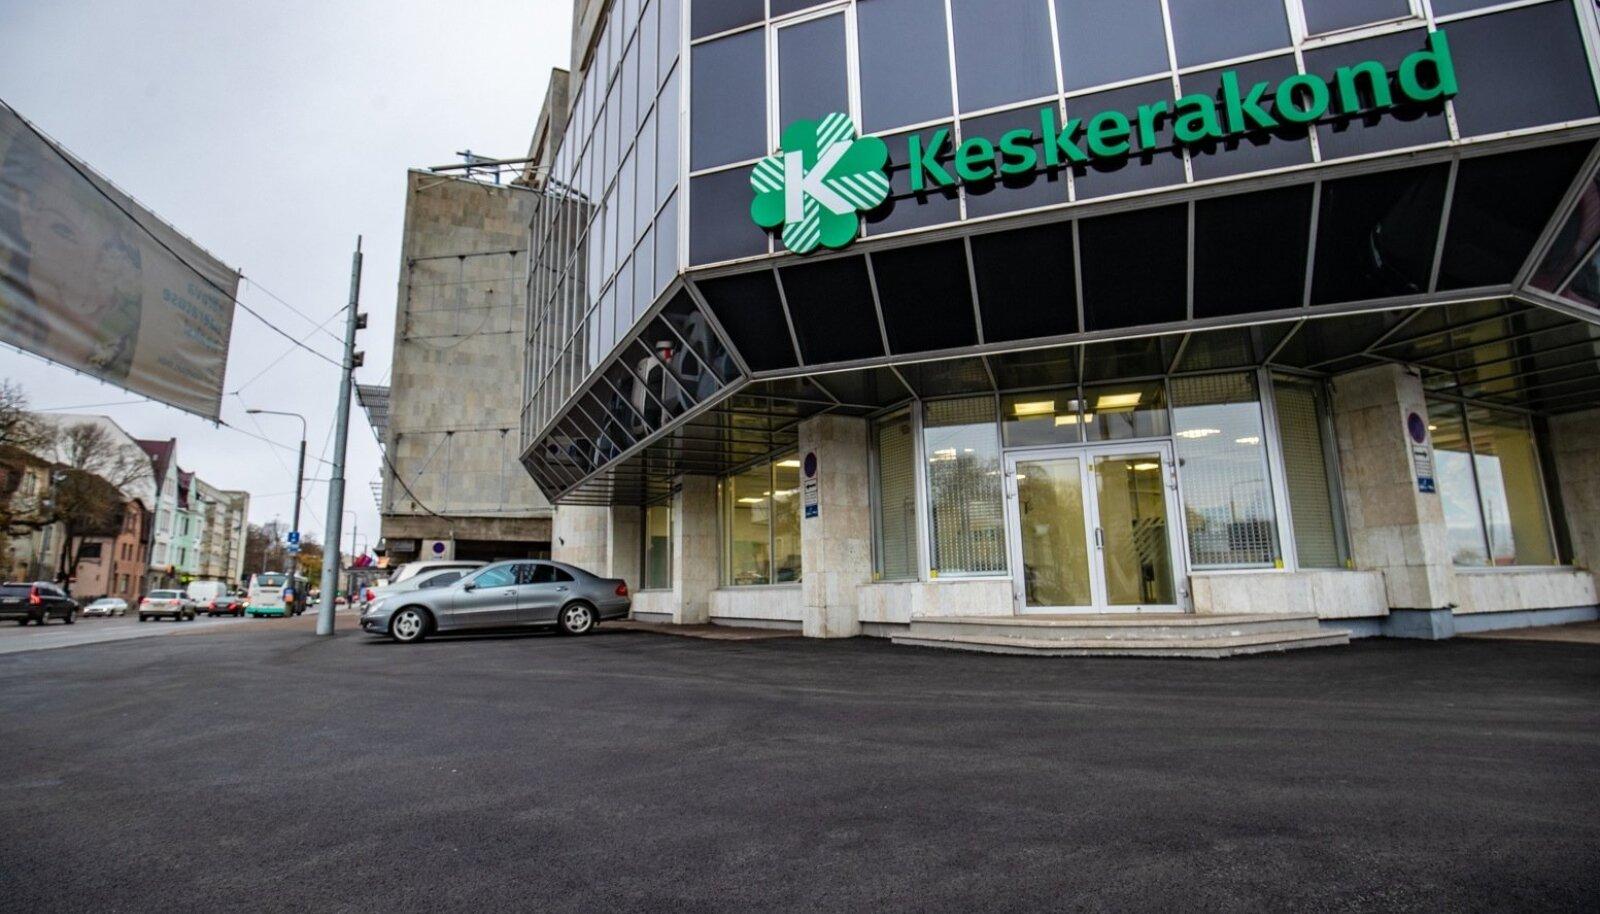 Keskerakonna kontori ees on uus asfalt.